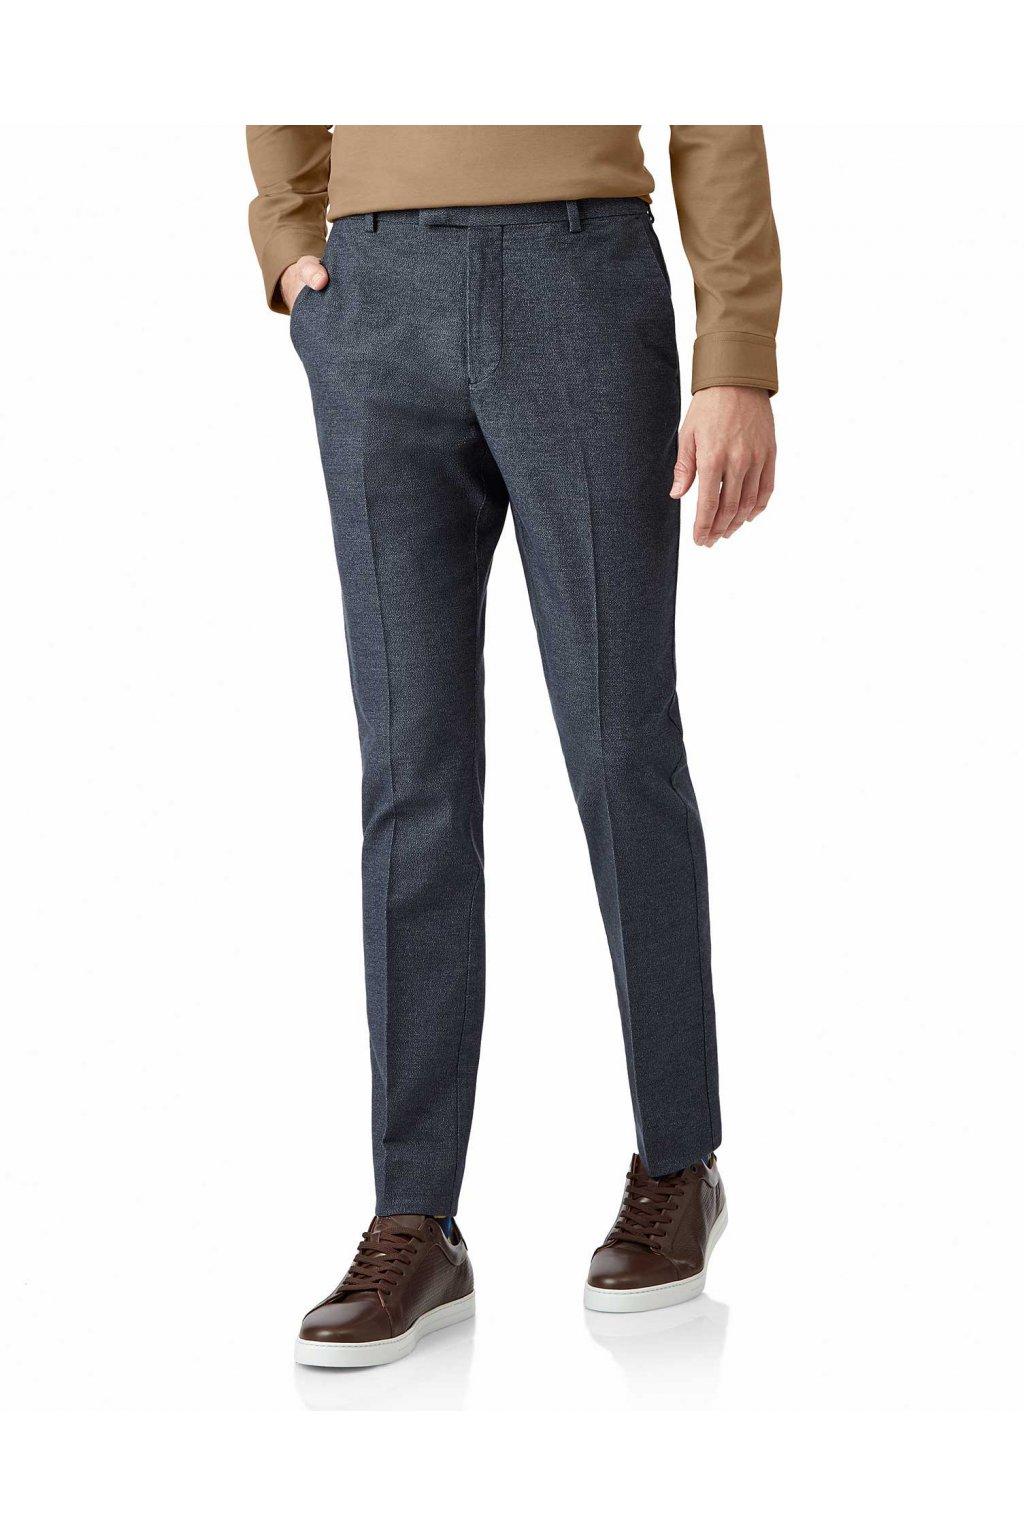 Pánské kalhoty Tommy Hilfiger MW0MW08109